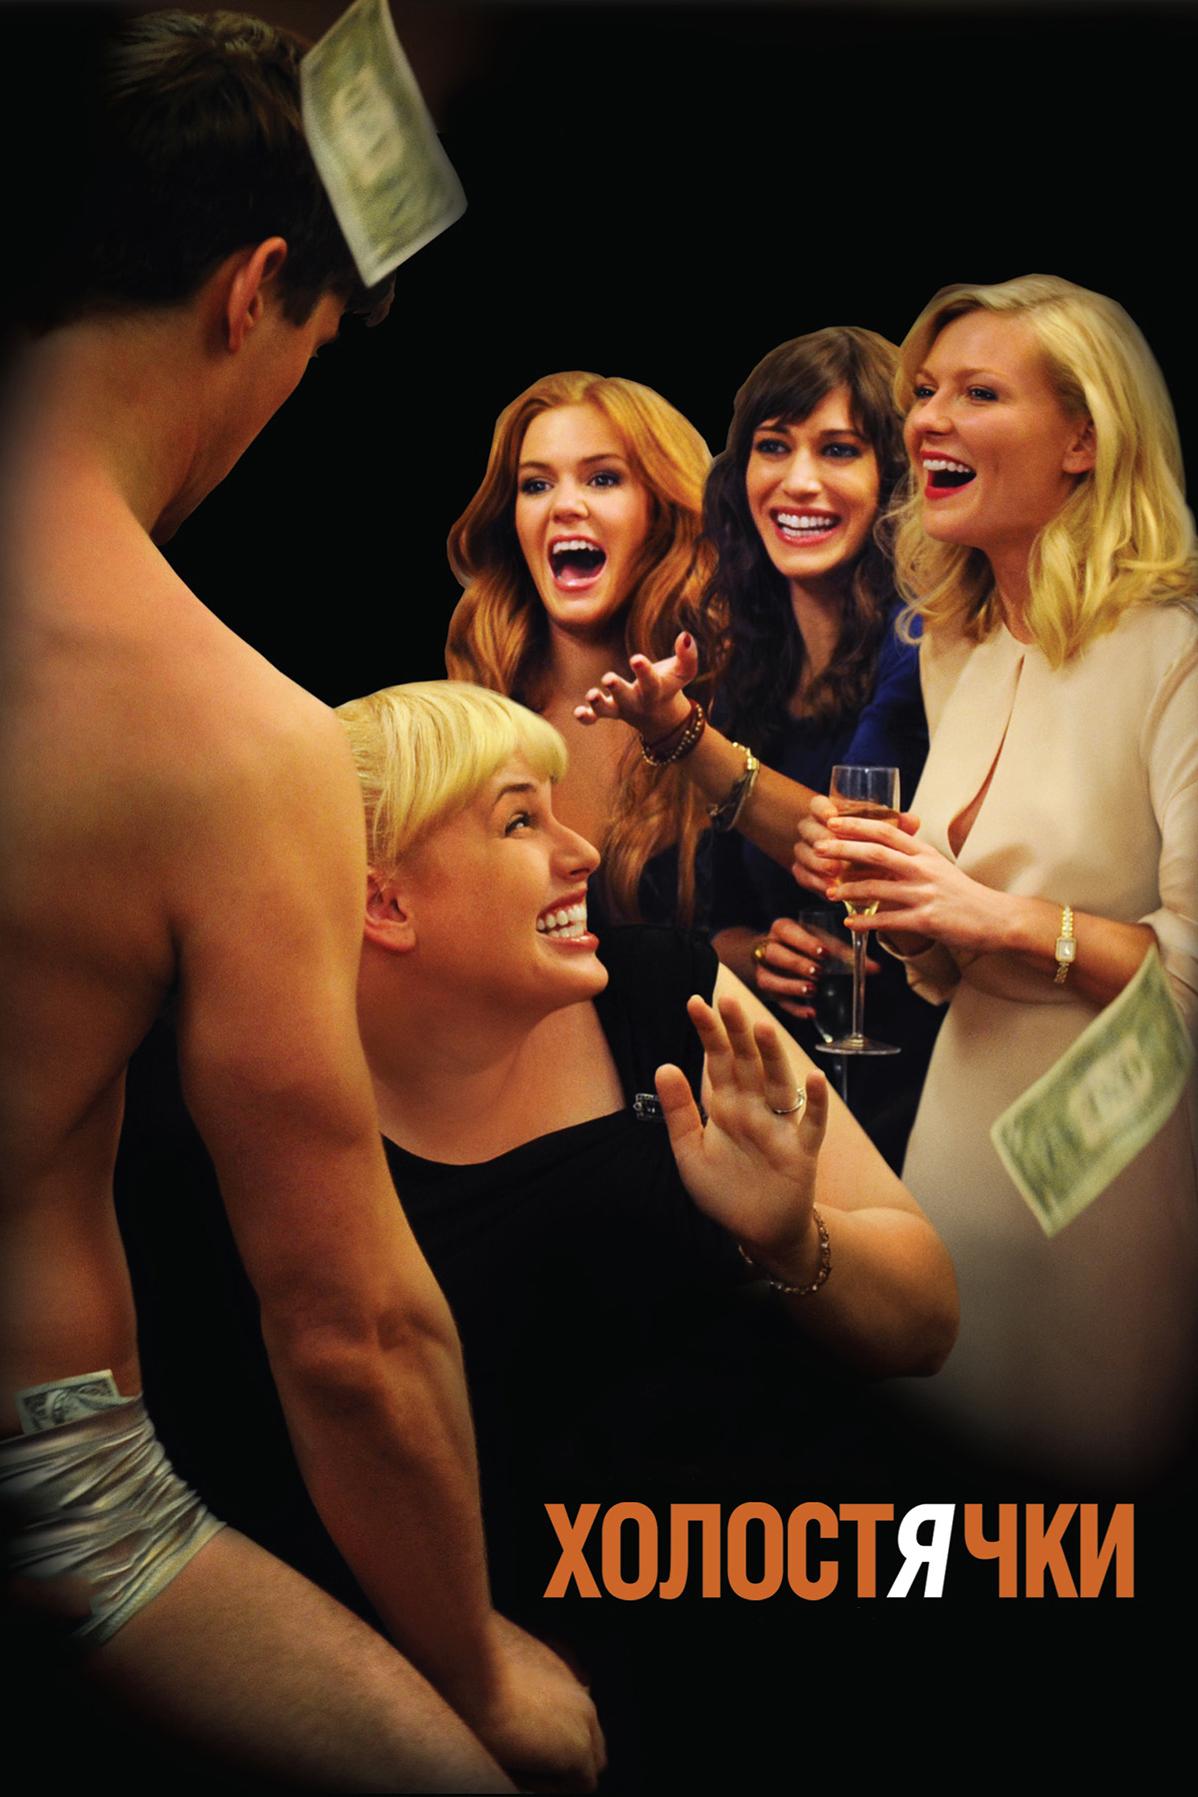 Смотреть молодежные комедию идеальный секспорно в хорошем качестве